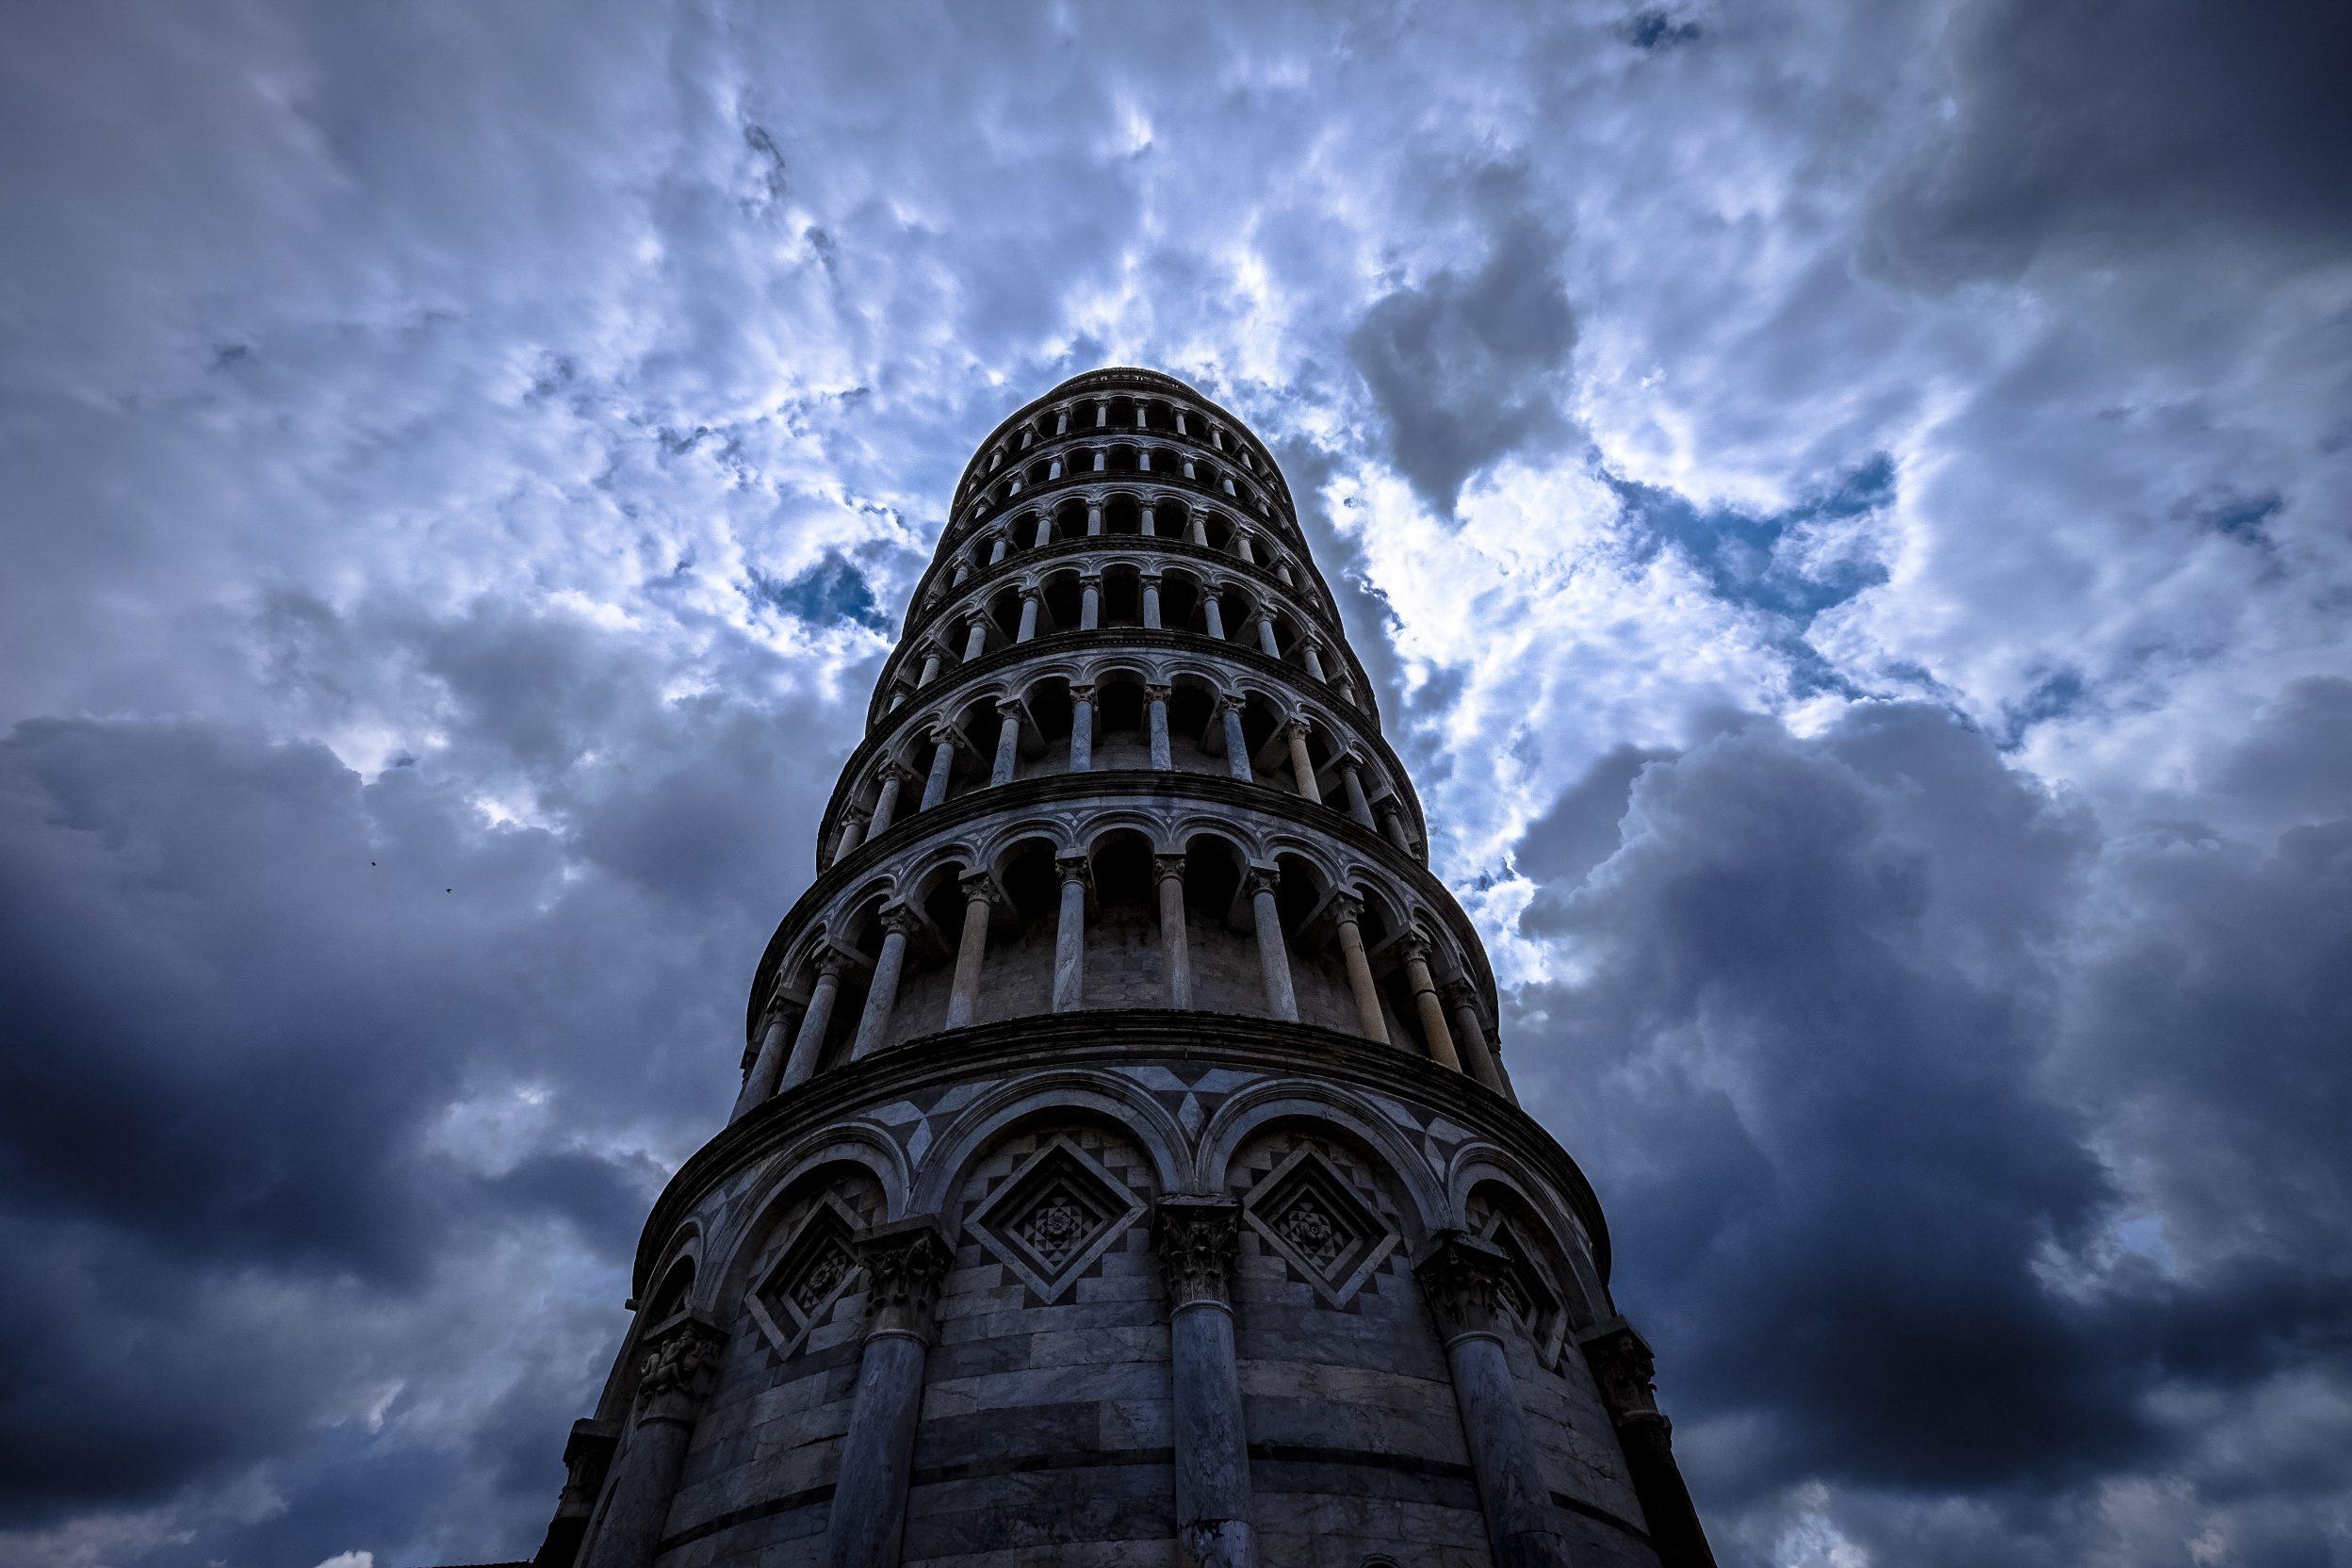 タワー, ピサ, イタリア, 空, 雲, 曇り - HD の壁紙 - 教授-falken.com